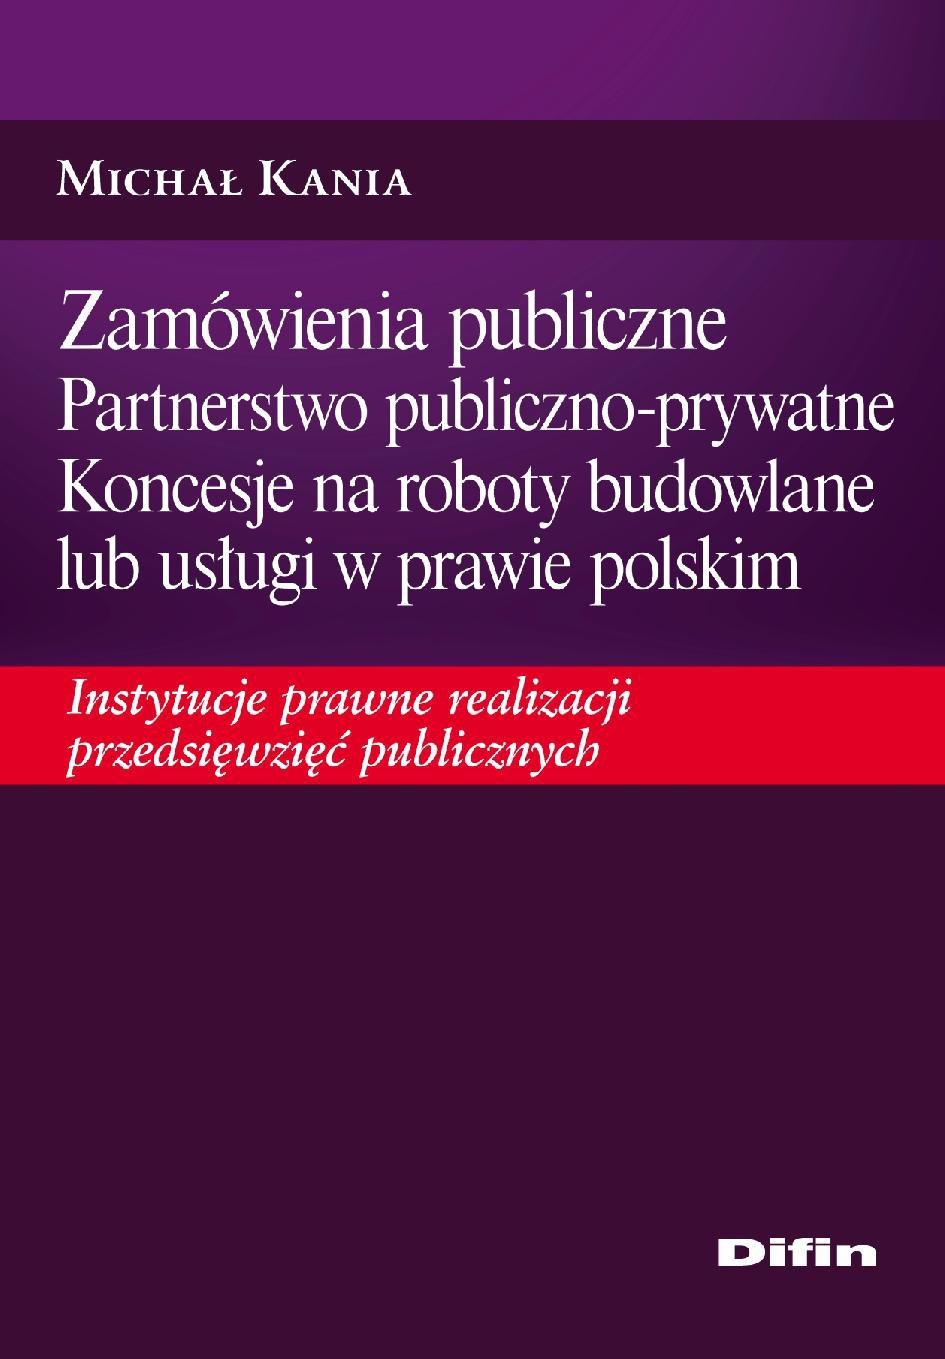 Zamówienia publiczne. Partnerstwo publiczno-prywatne. Koncesje na roboty budowlane lub usługi w prawie polskim. Instytucje prawne realizacji przedsięwzięć publicznych - Ebook (Książka PDF) do pobrania w formacie PDF